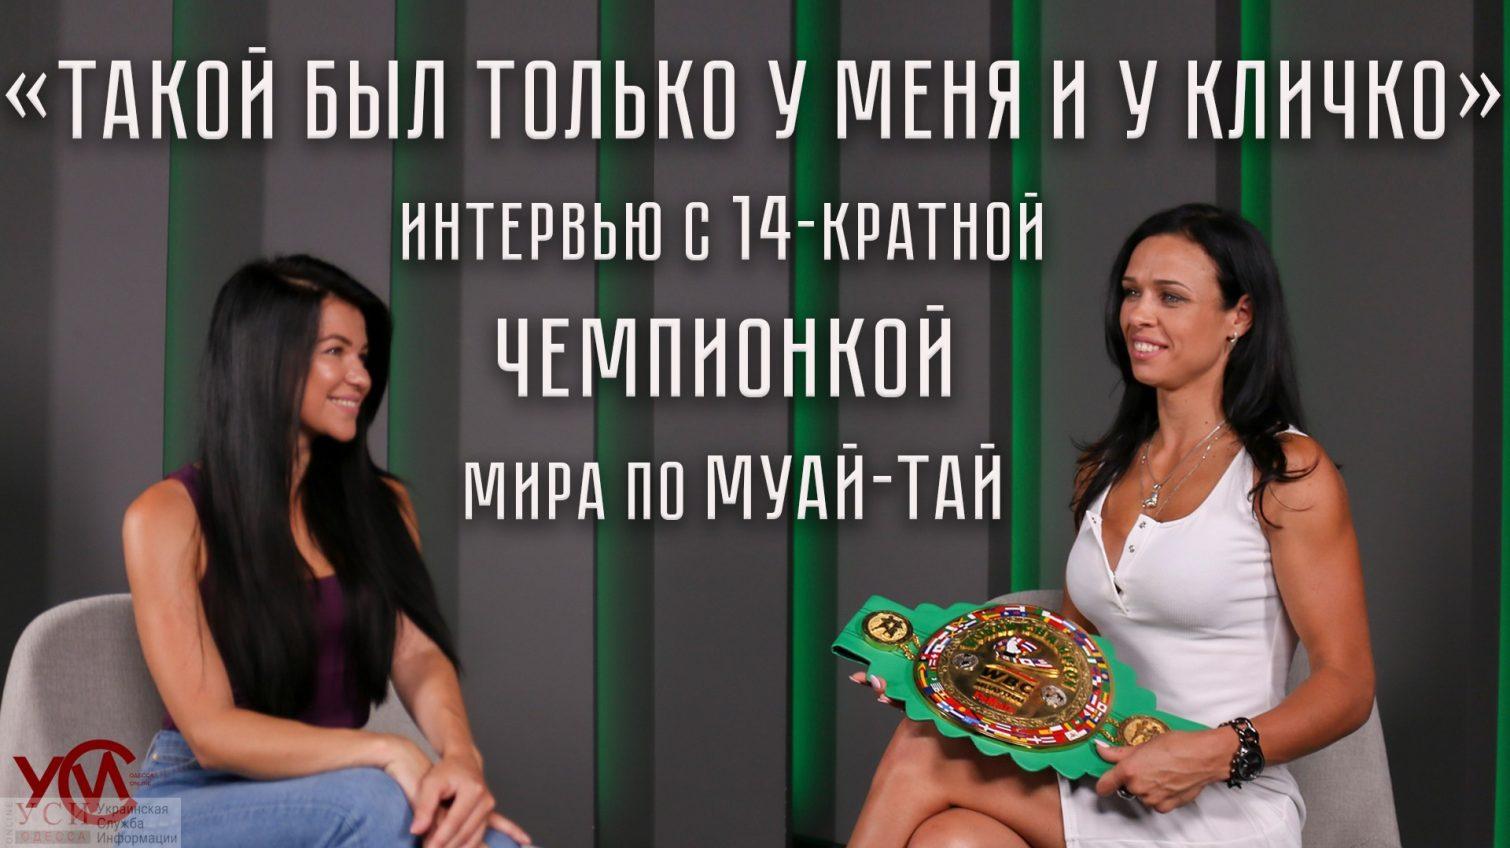 «Мой первый бой в ММА был на корпоративе банкиров», – 14-кратная чемпионка мира по муай-тай Елена Овчинникова (фото, видео) «фото»